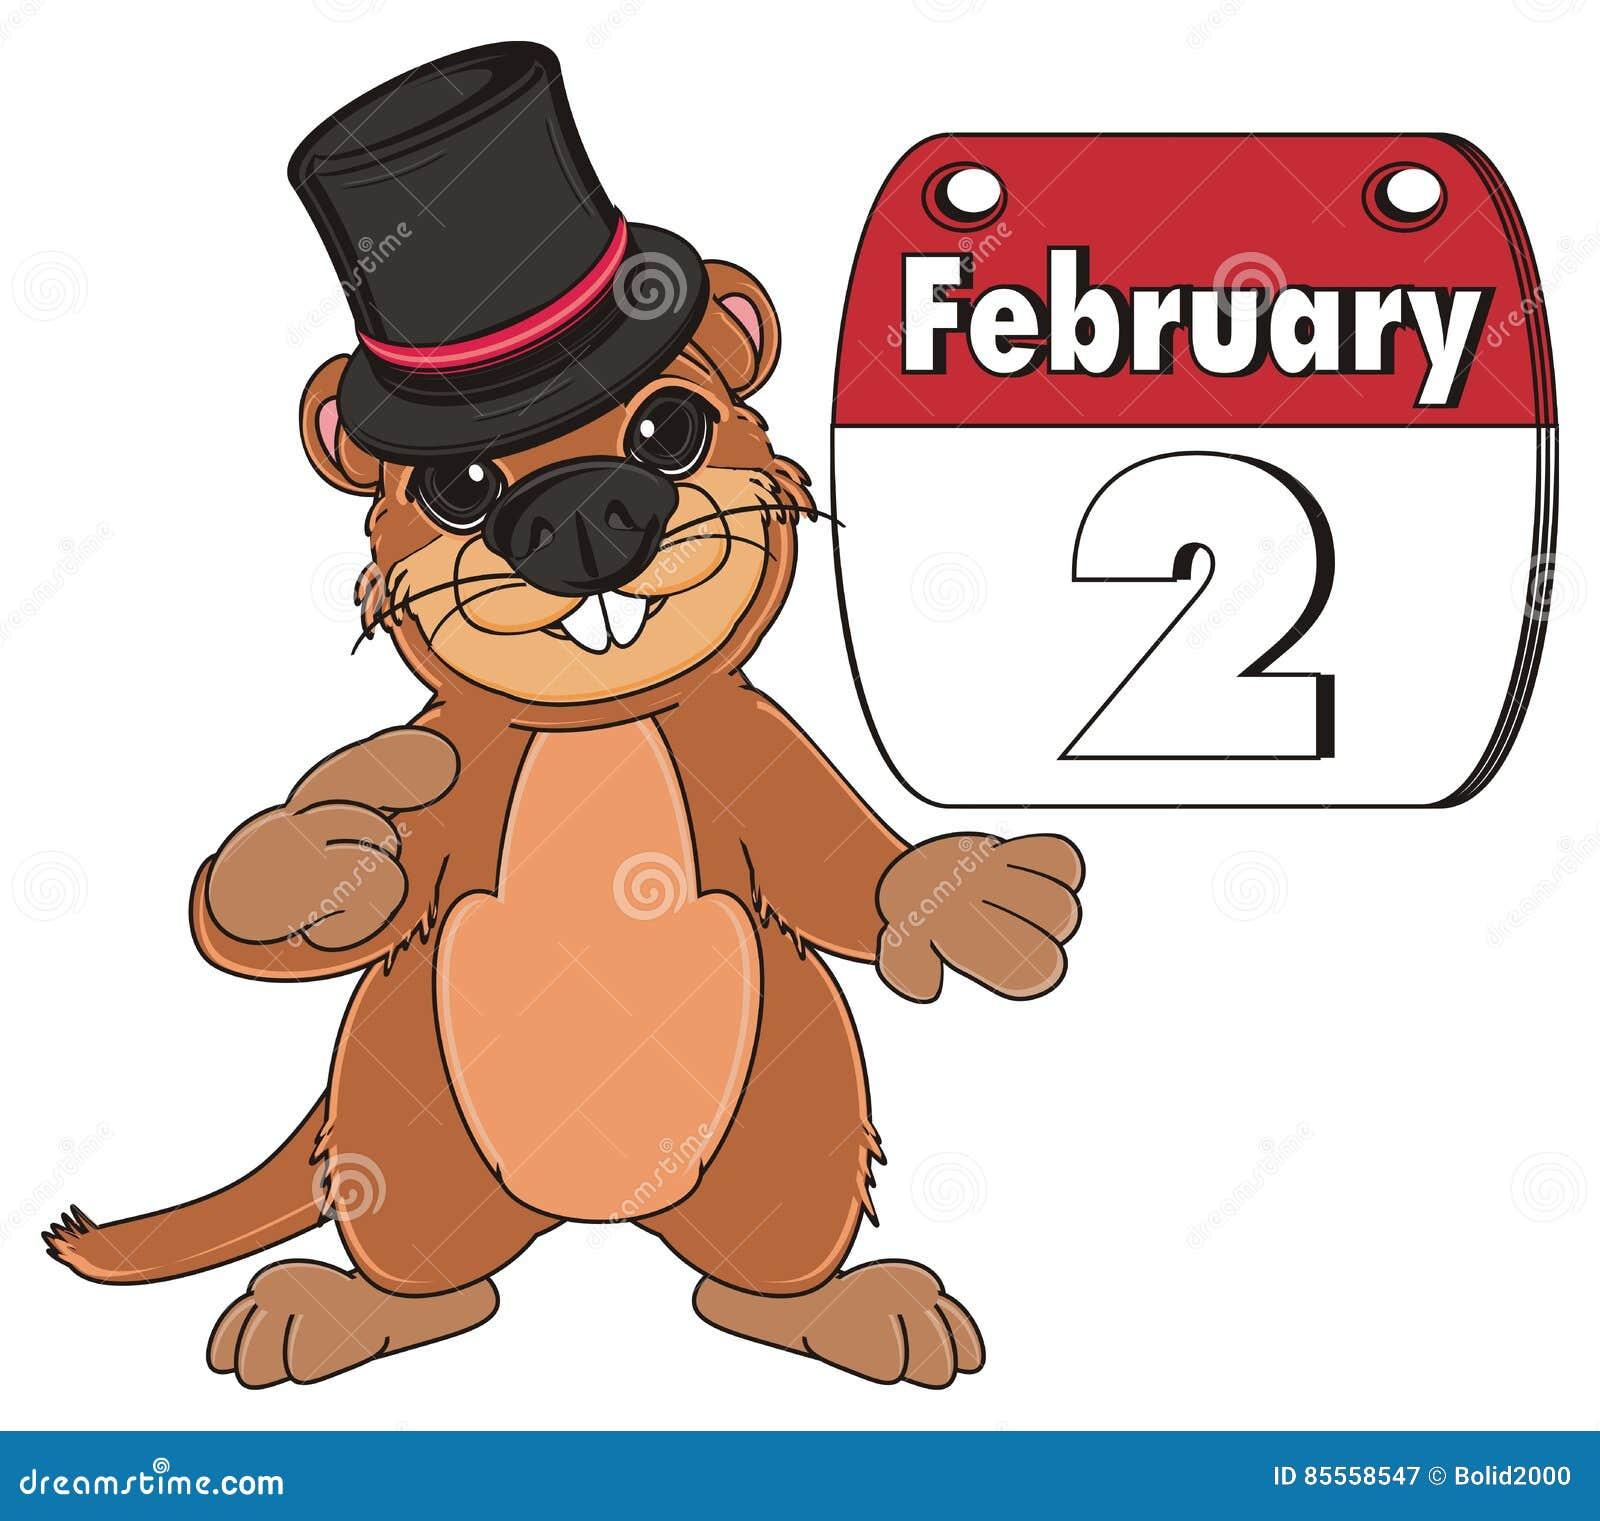 Groundhog im Hut und mit Kalender